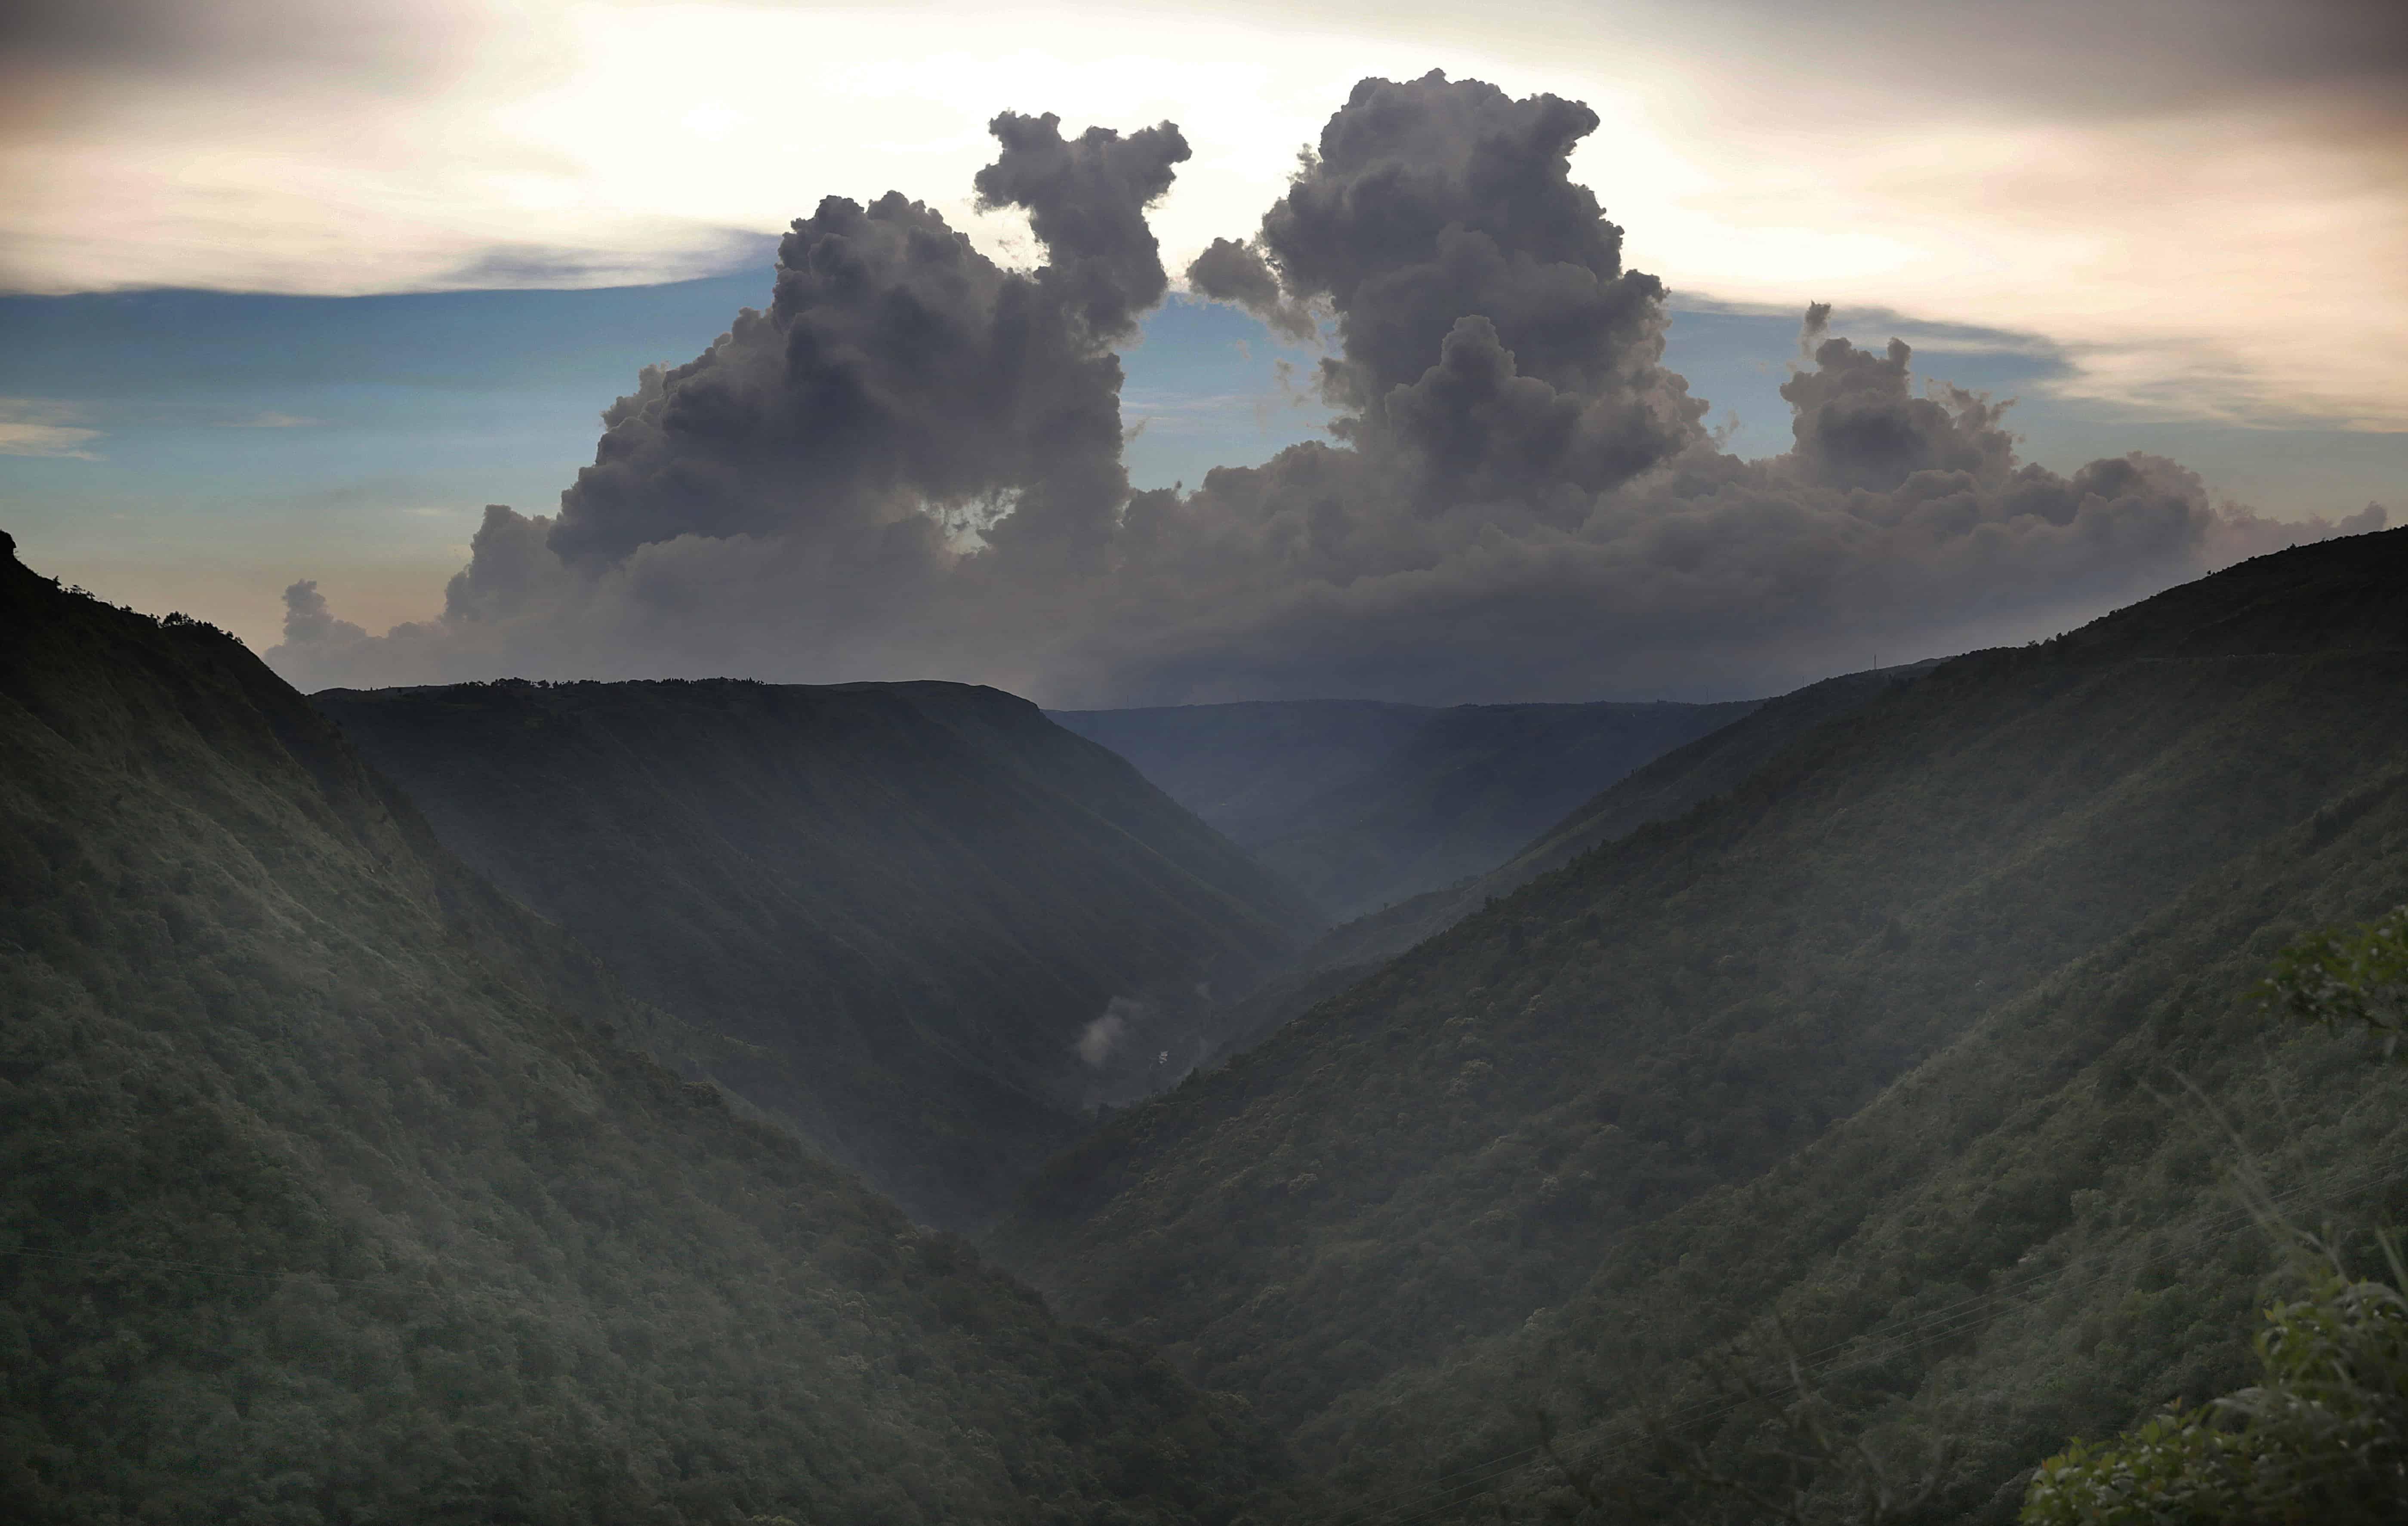 Les nuages se rassemblent au-dessus des montagnes près de Cherrapunji en Inde, l